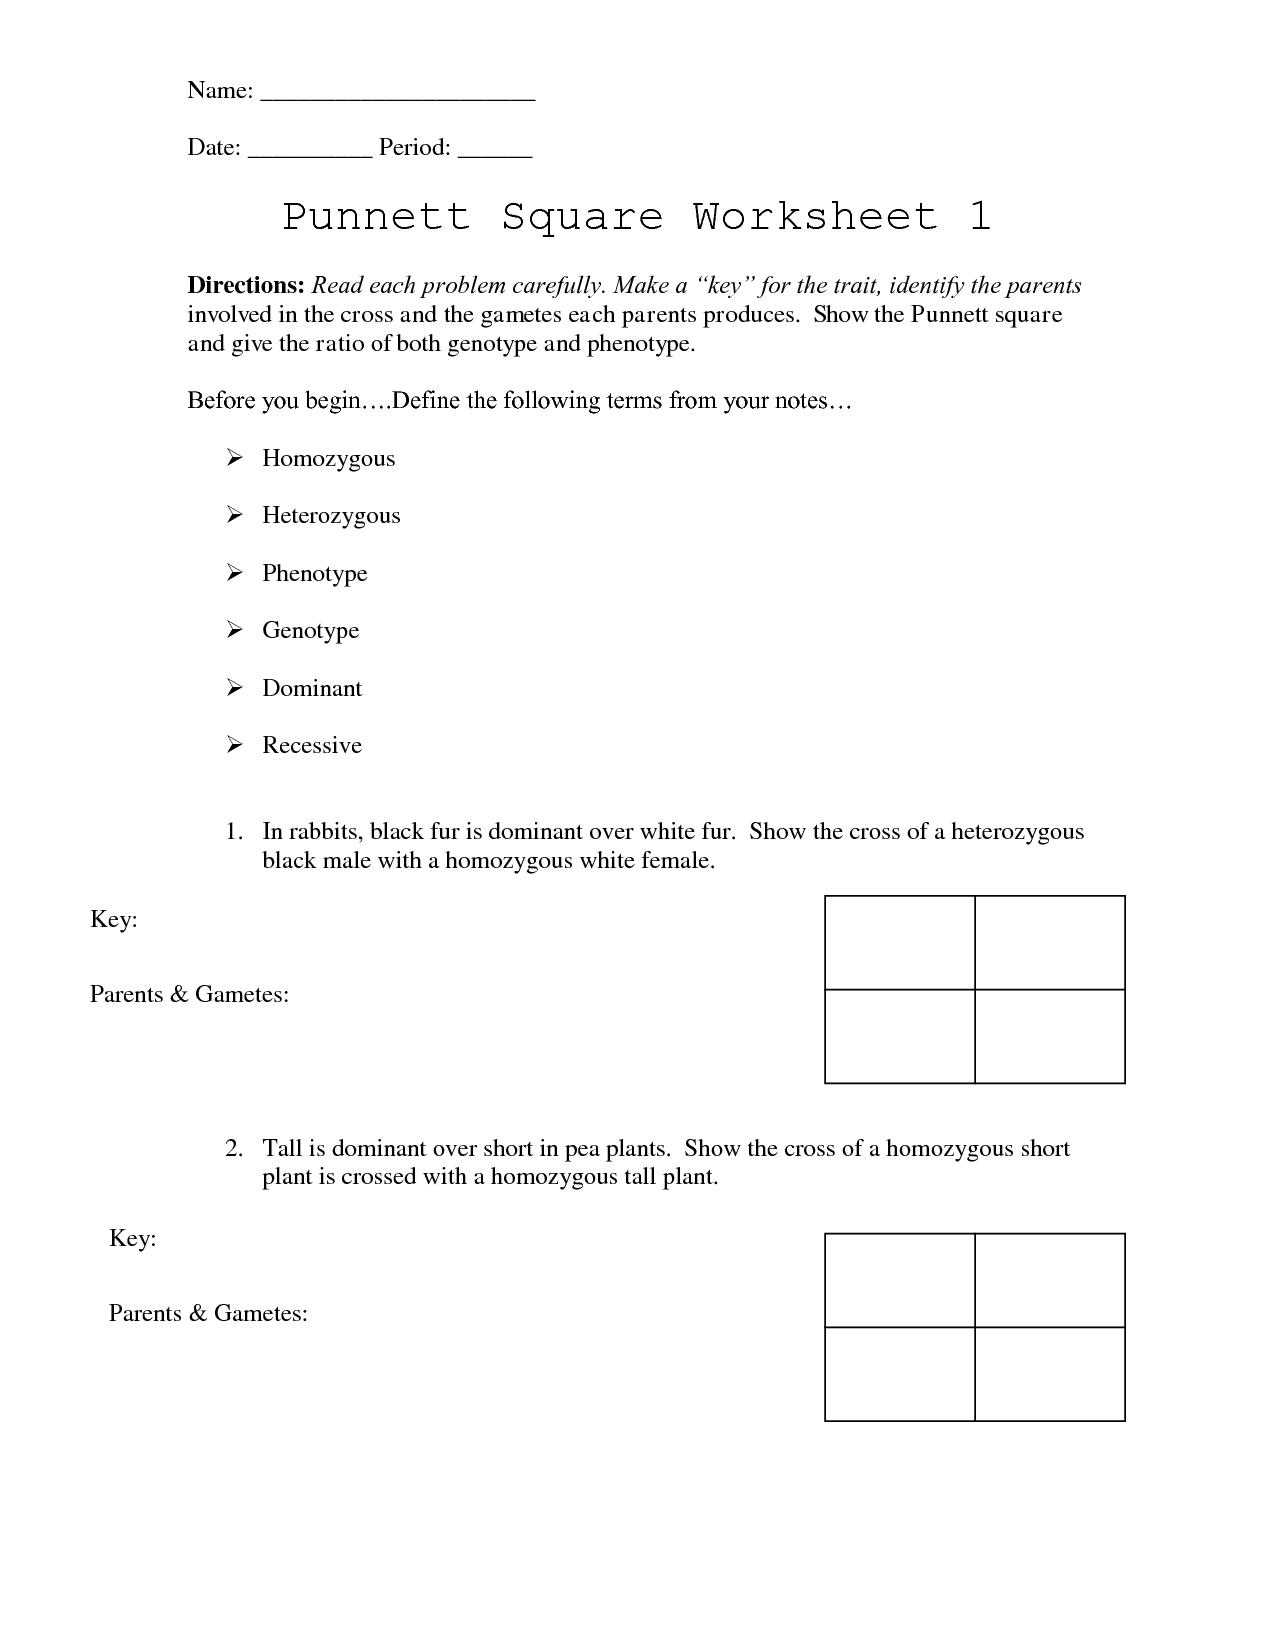 Punnett Square Worksheet 1 Answer Key In